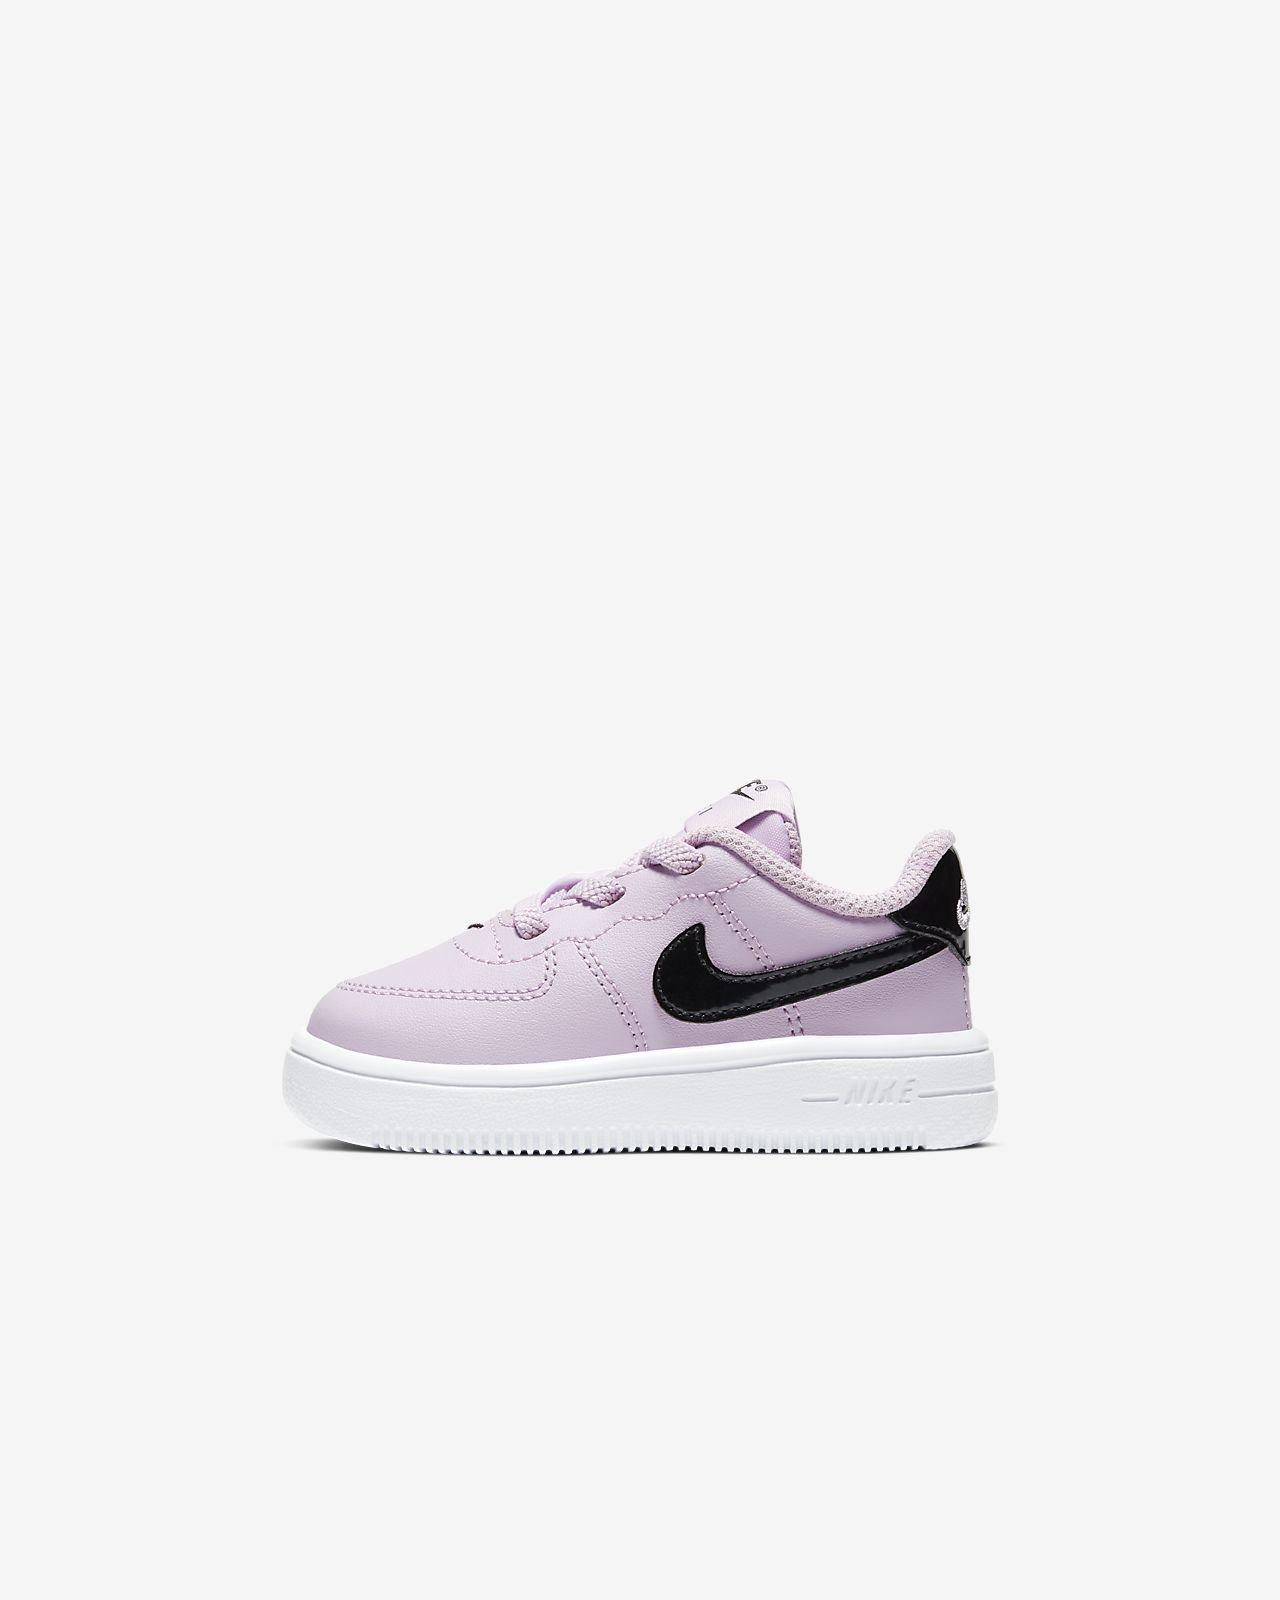 air force one lila Kaufen Nike Damen,Herren und kinder